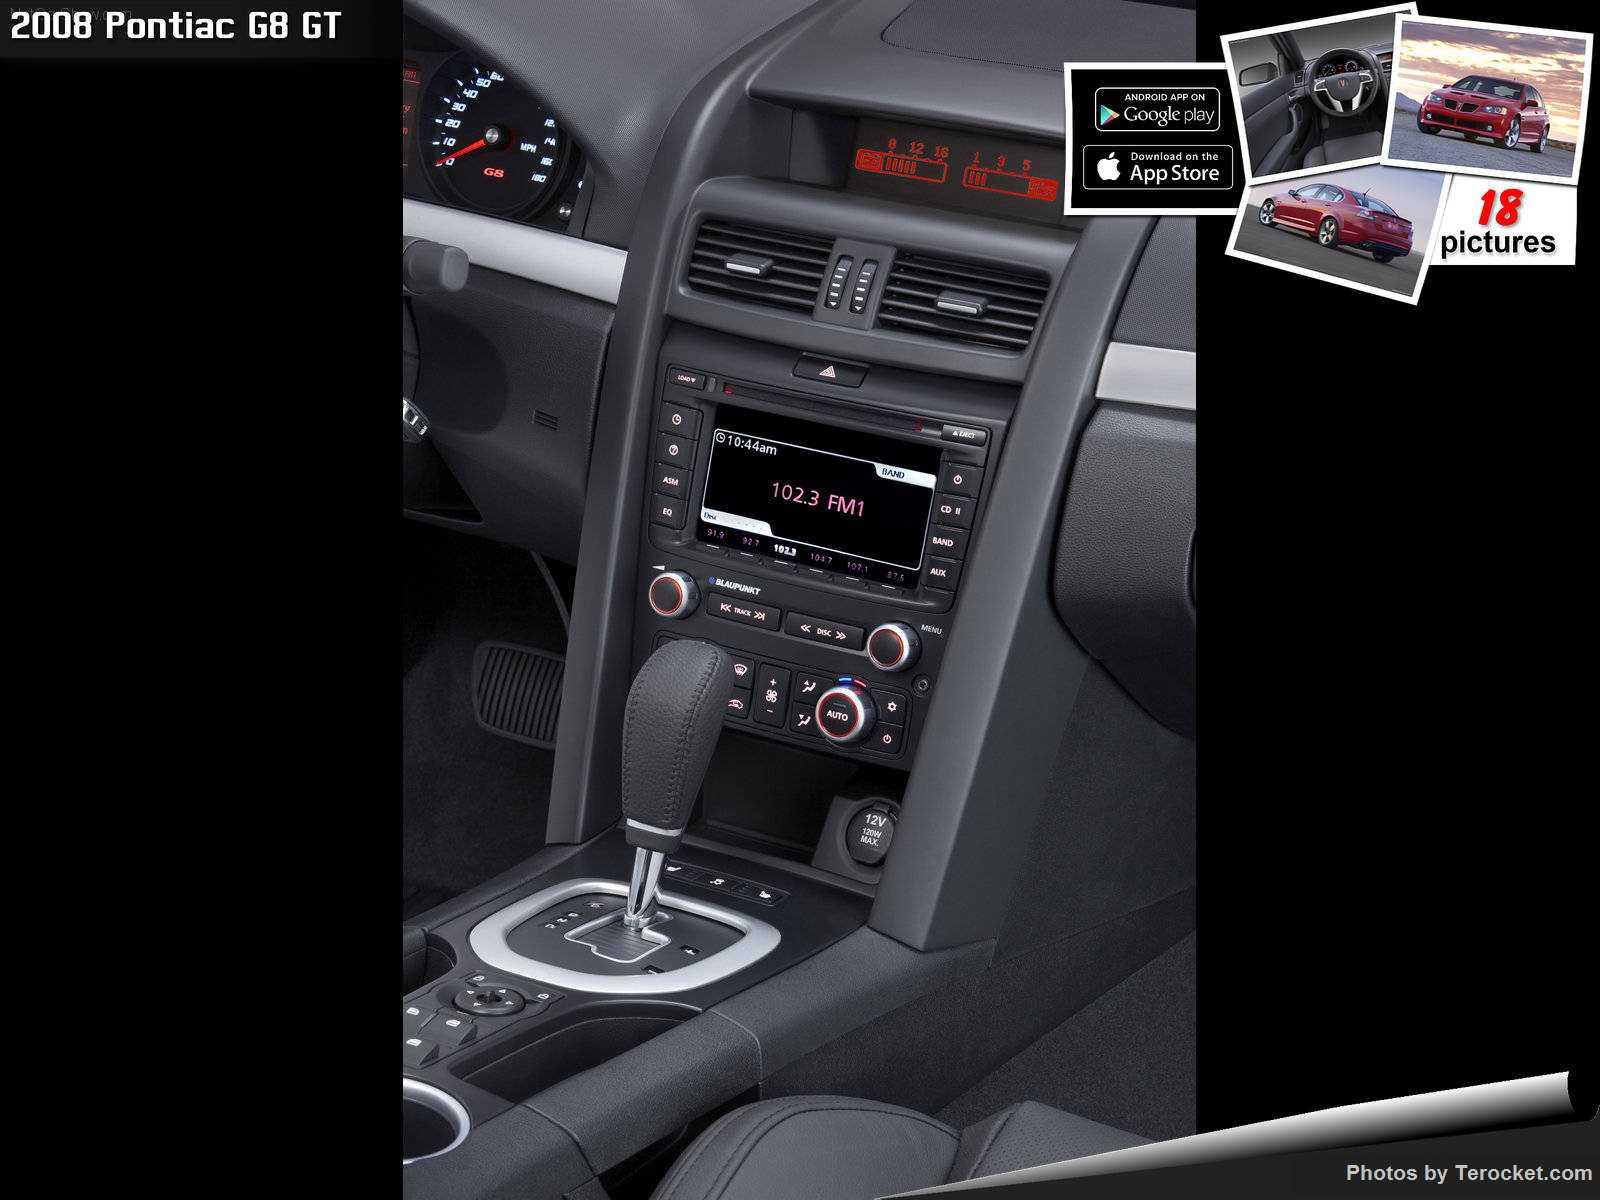 Hình ảnh xe ô tô Pontiac G8 GT 2008 & nội ngoại thất